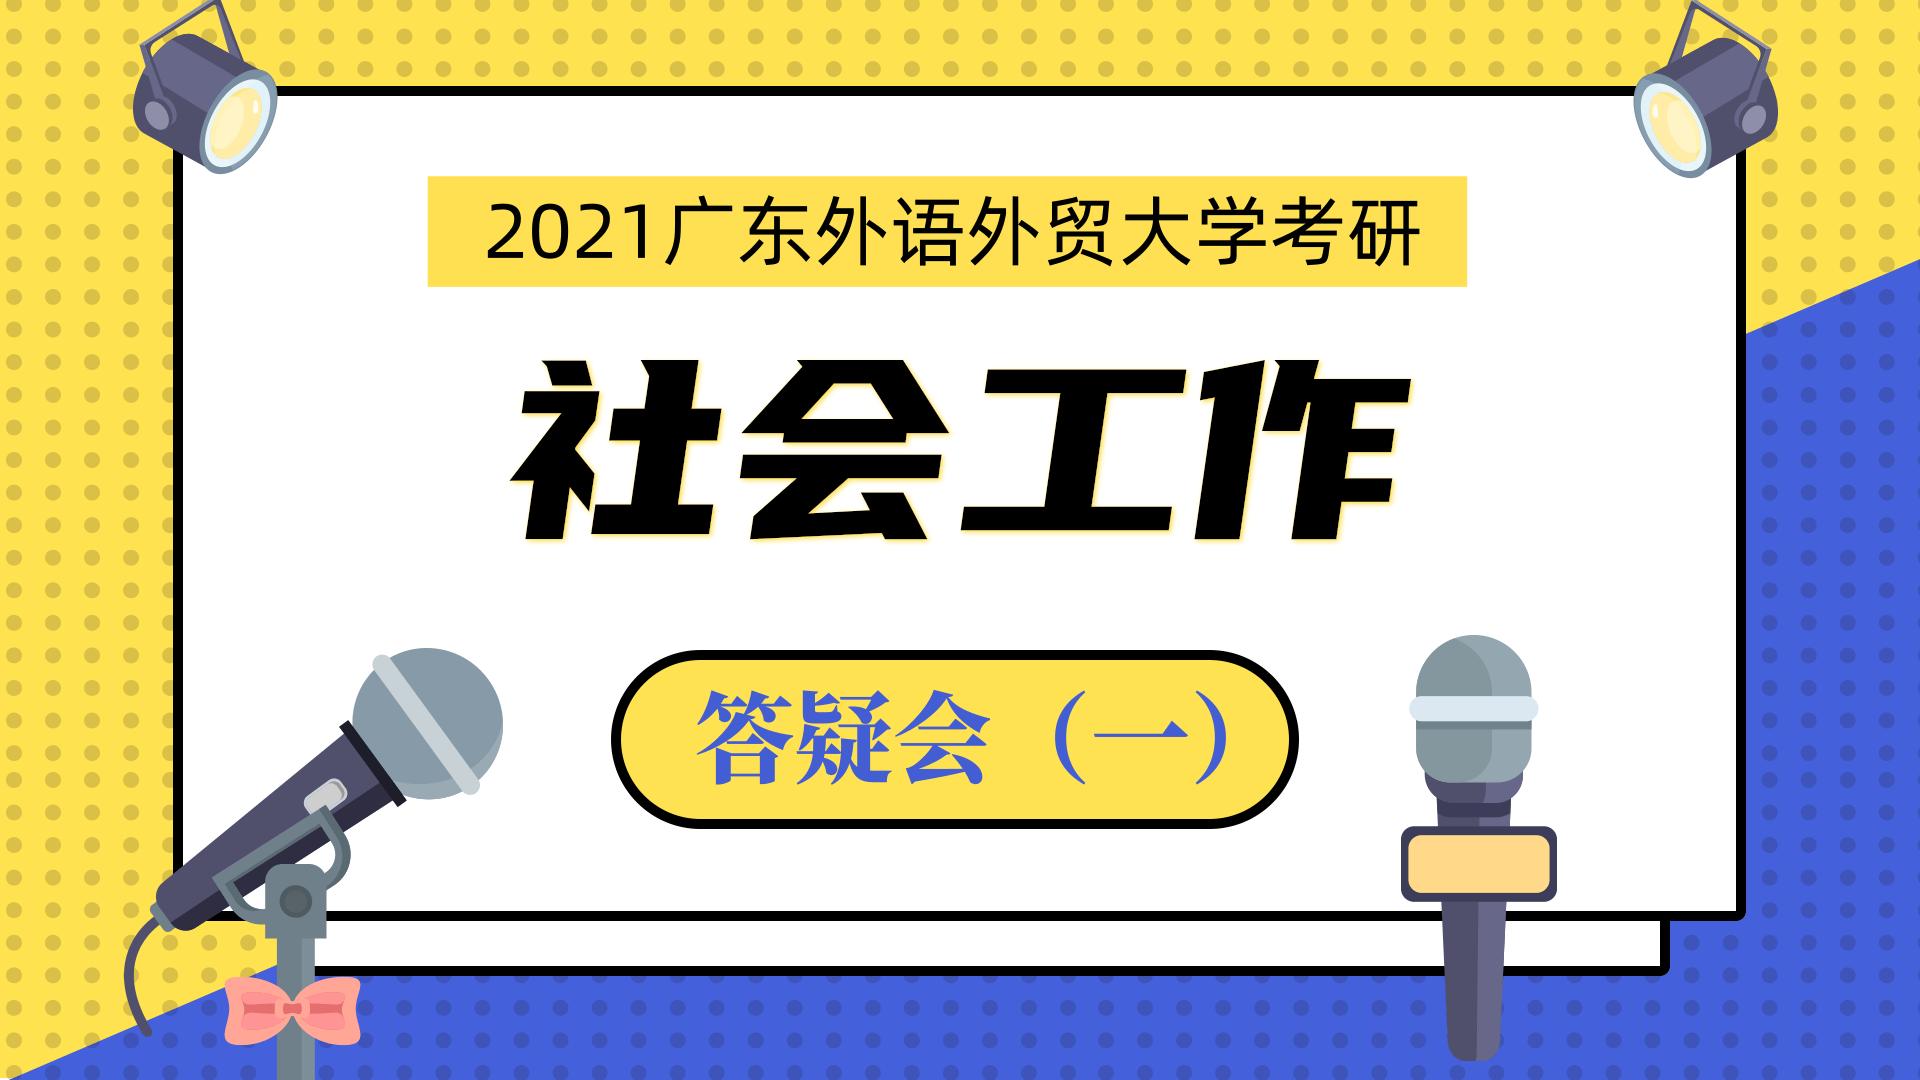 2021广东外语外贸大学社会工作考研主题答疑会(一)